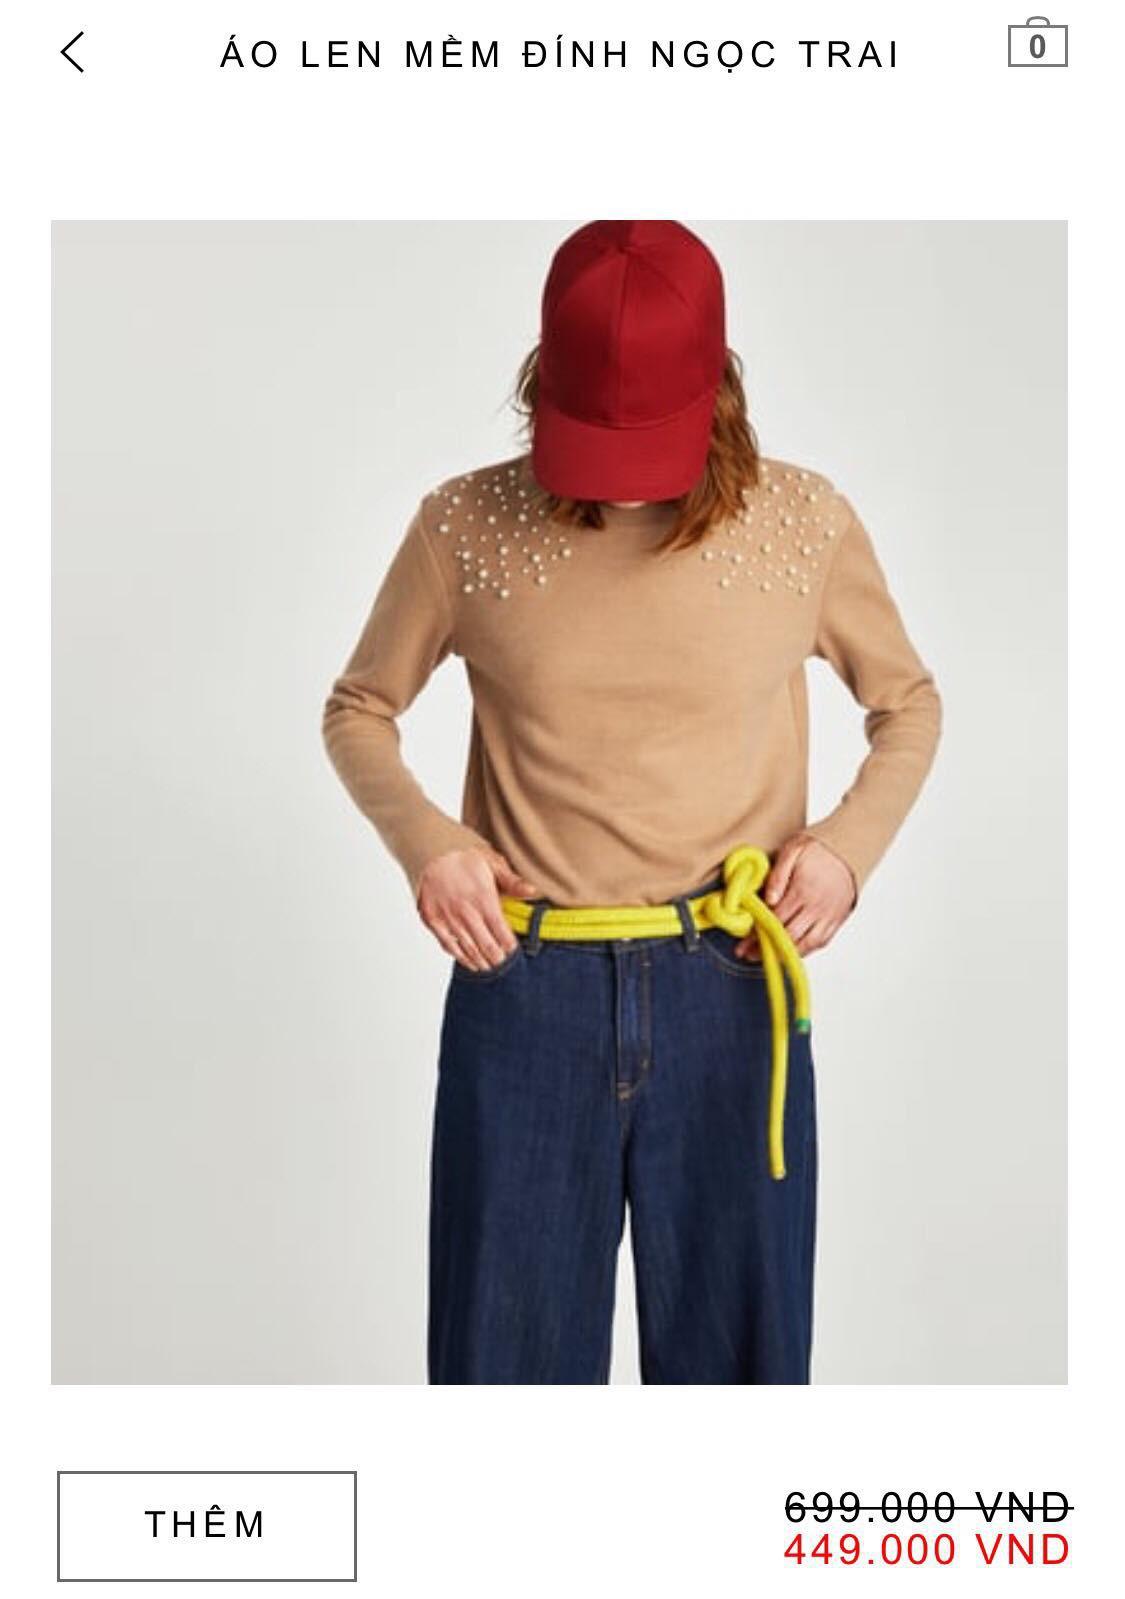 14 mẫu áo len, áo nỉ dưới 500.000 VNĐ xinh xắn, trendy đáng sắm nhất đợt sale này của Zara - Ảnh 4.